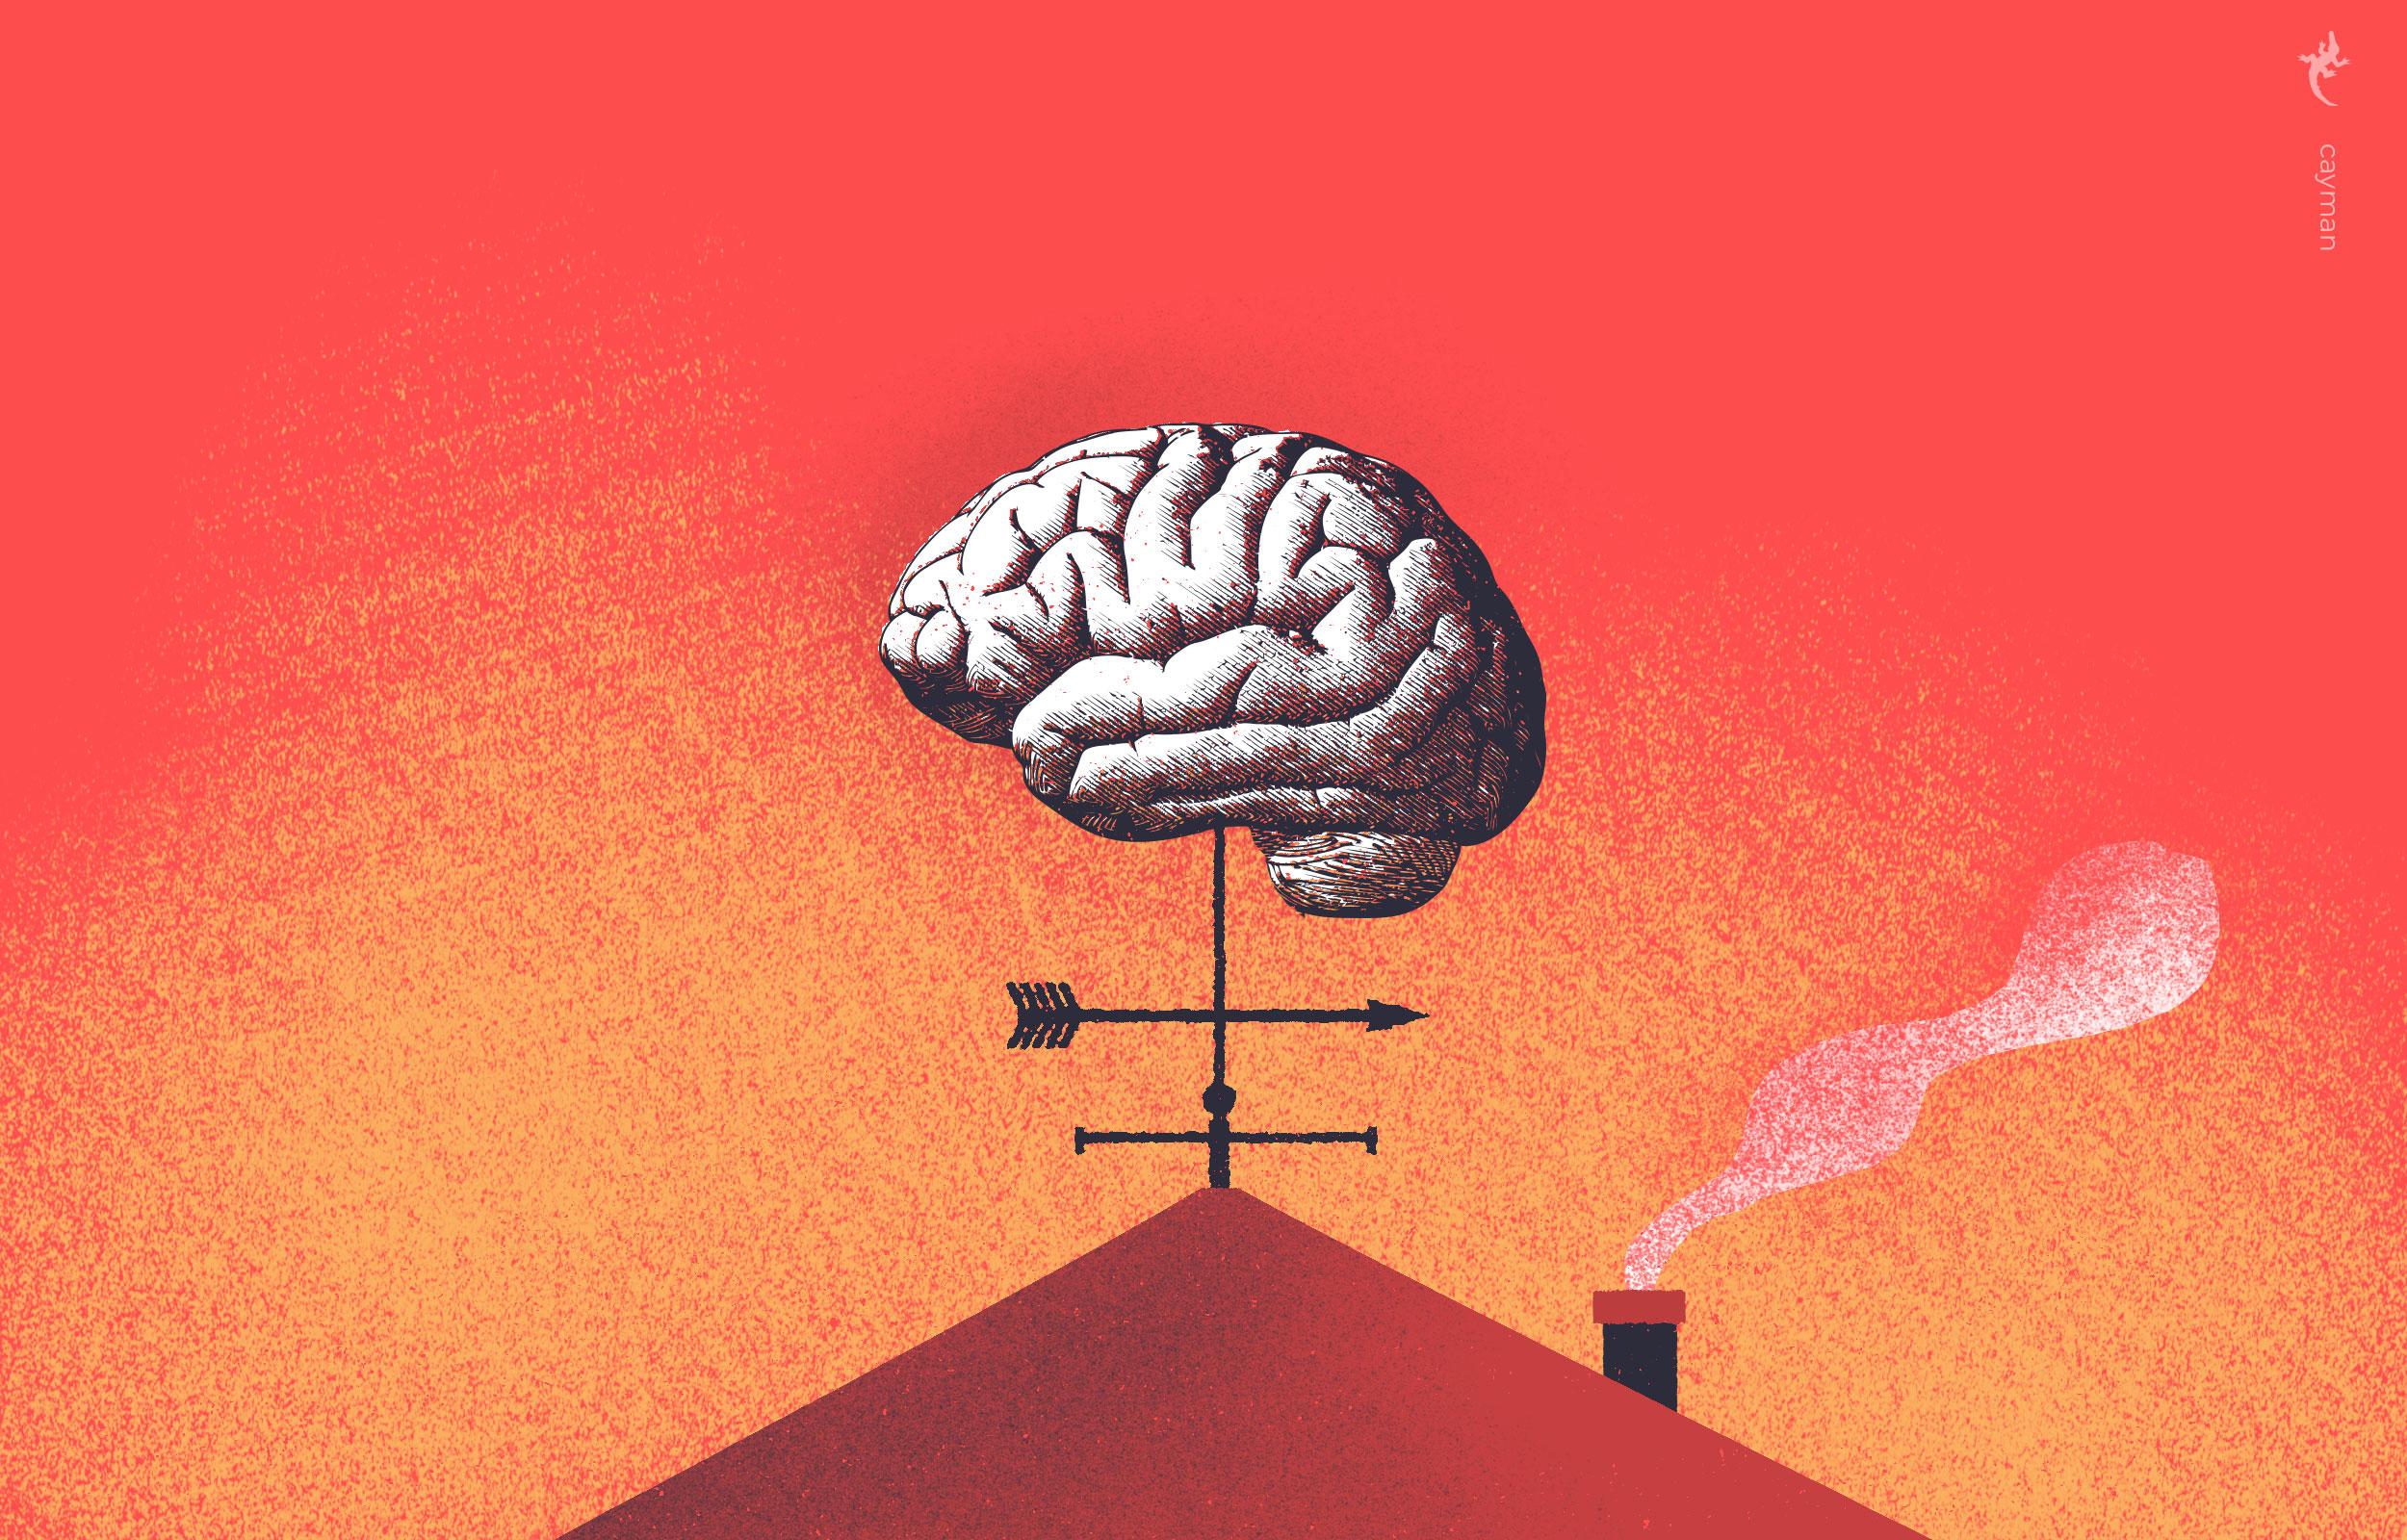 Illustratie van hersenen op een dak